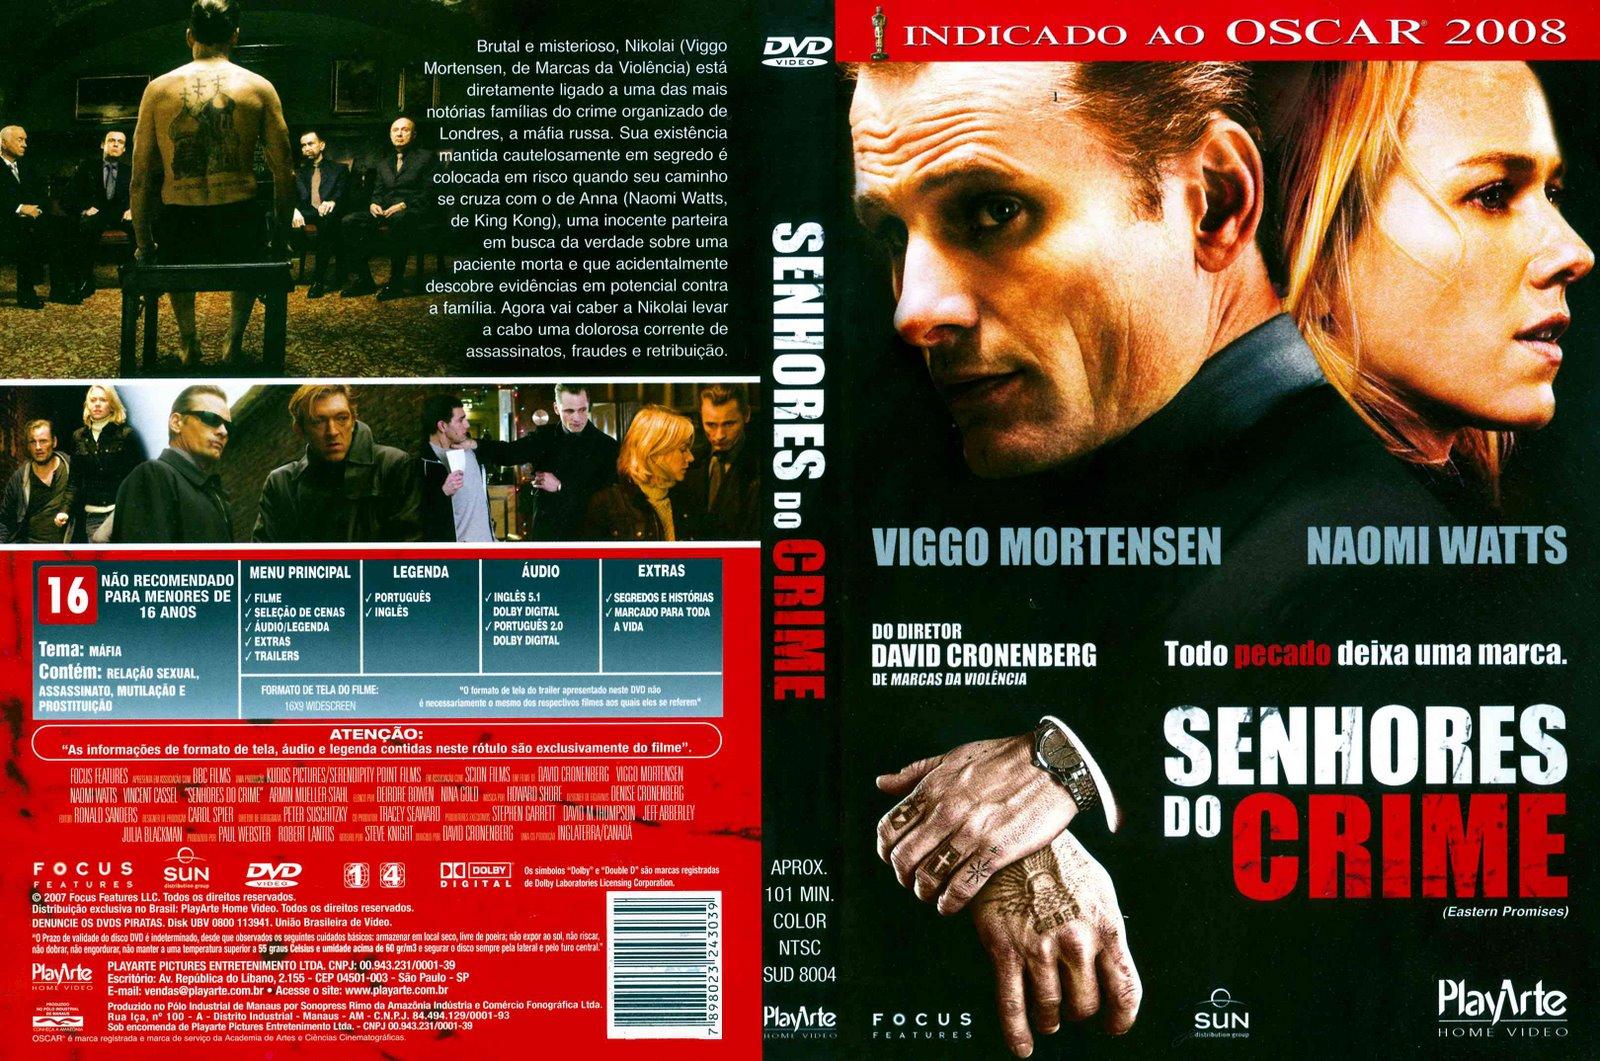 Filme Marcas Da Guerra within jc video aÇÃo: janeiro 2011